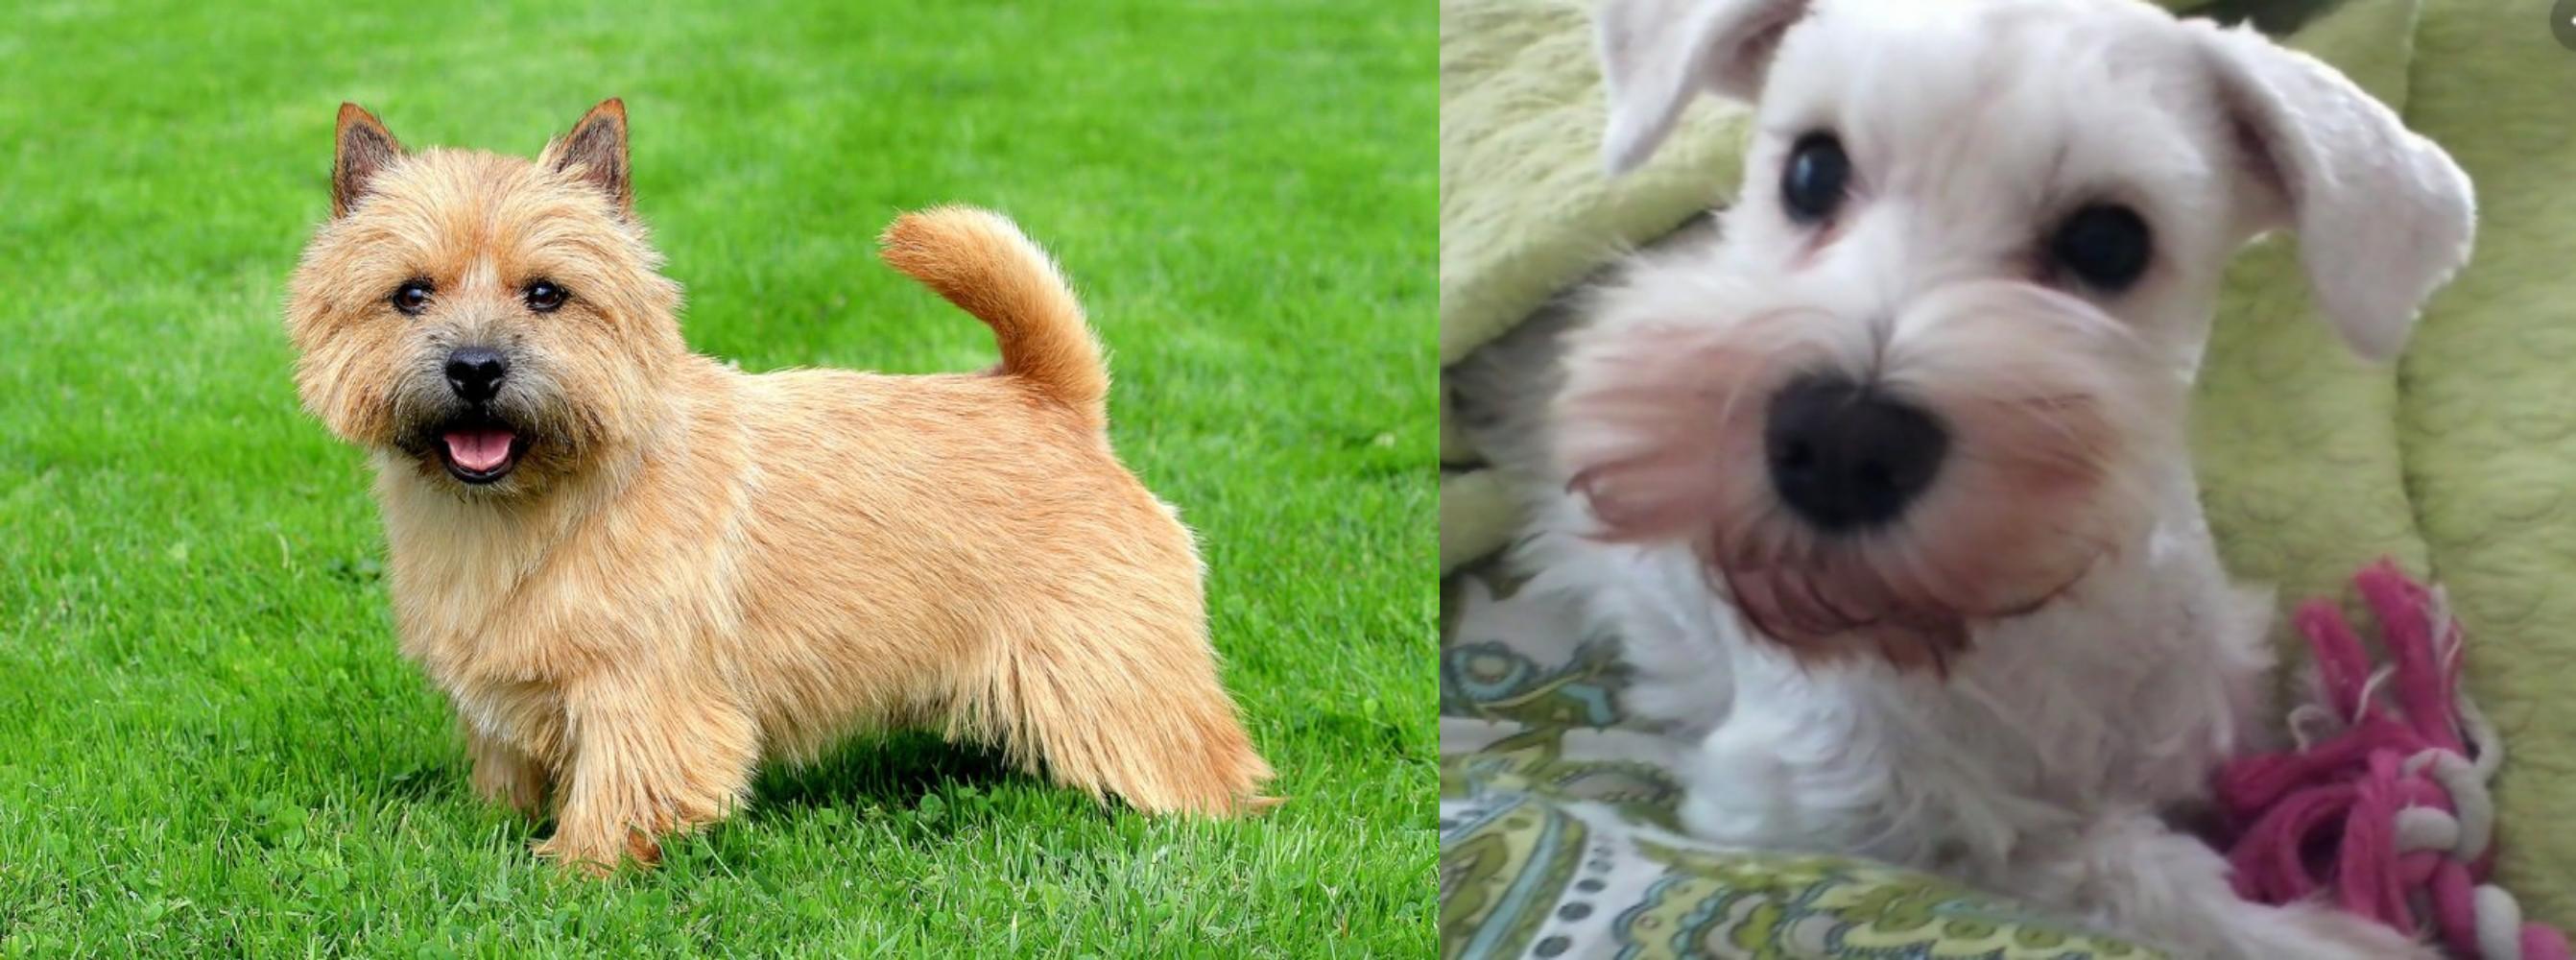 White Schnauzer vs Norwich Terrier - Breed Comparison